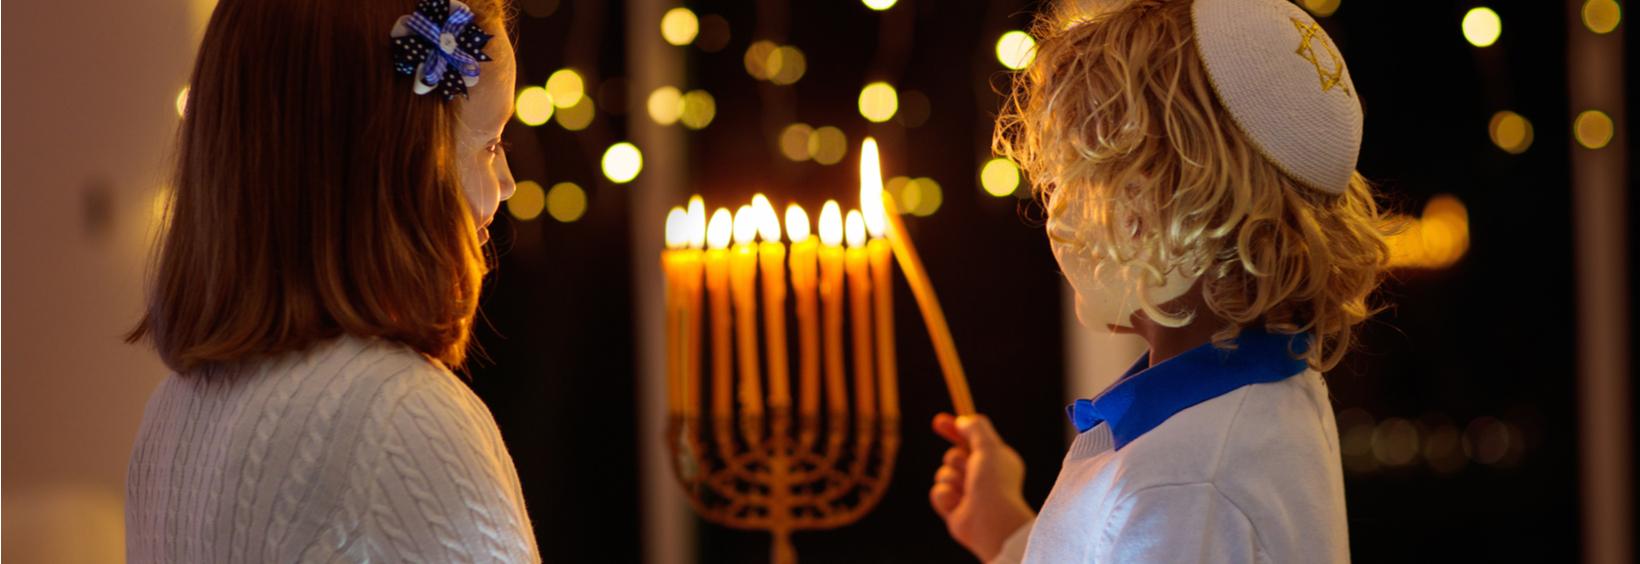 How to Celebrate Hanukkah in New York in 2020